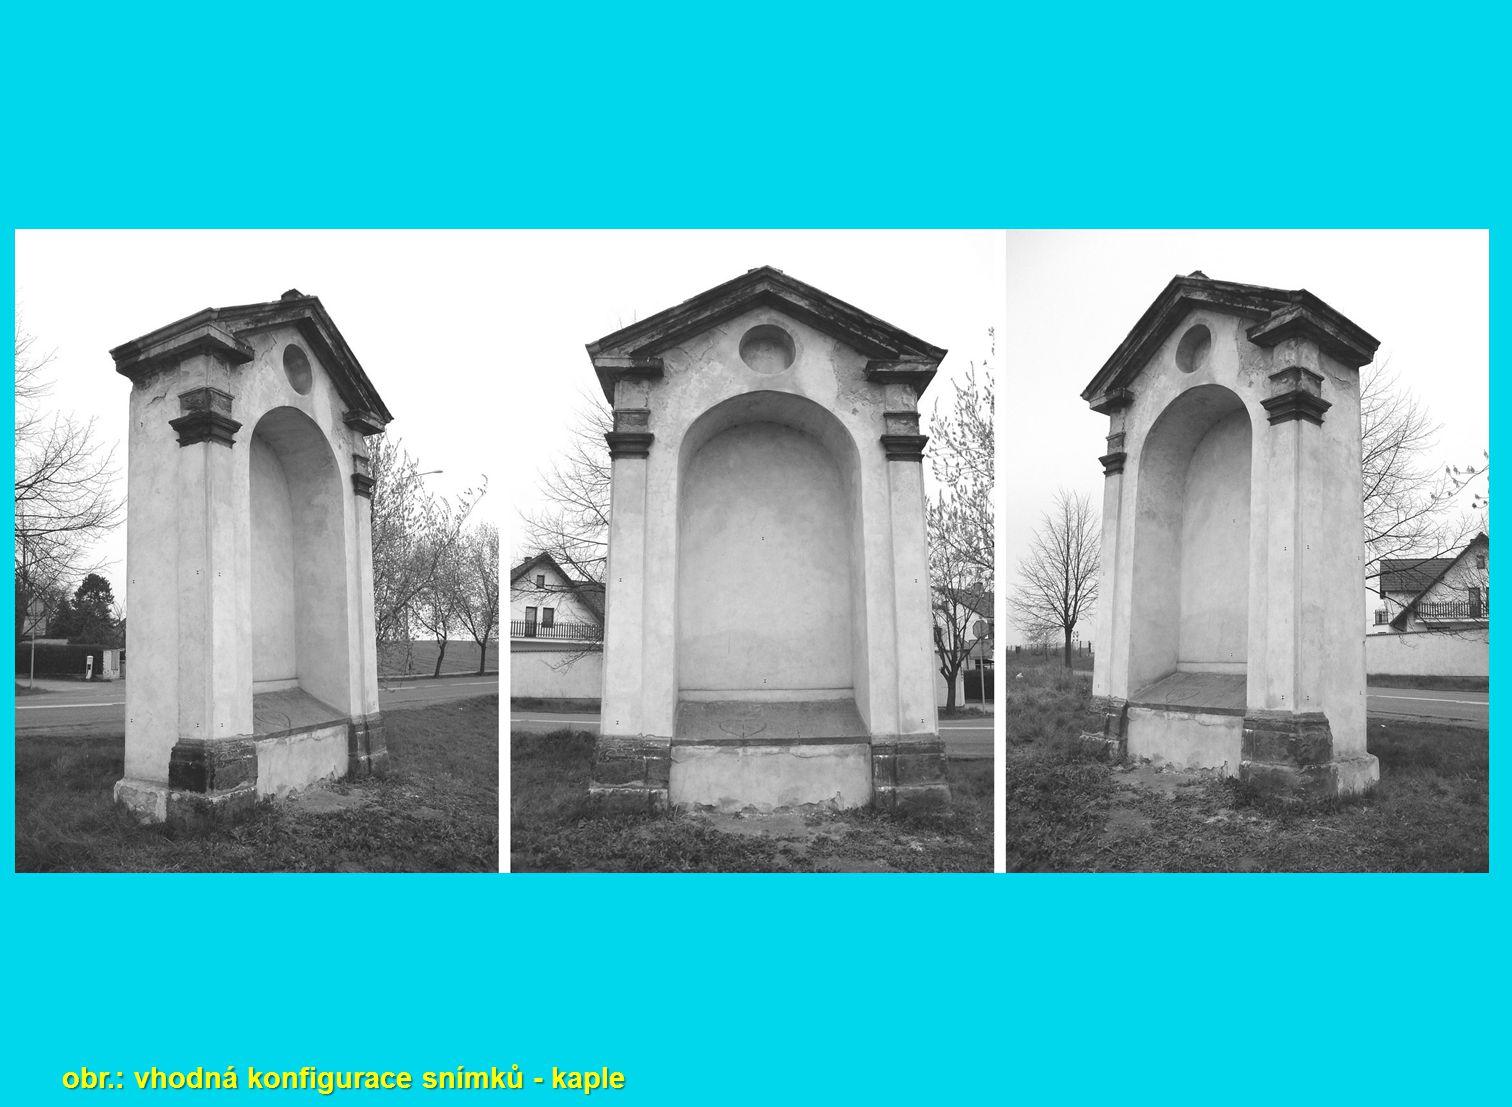 obr.: vhodná konfigurace snímků - kaple